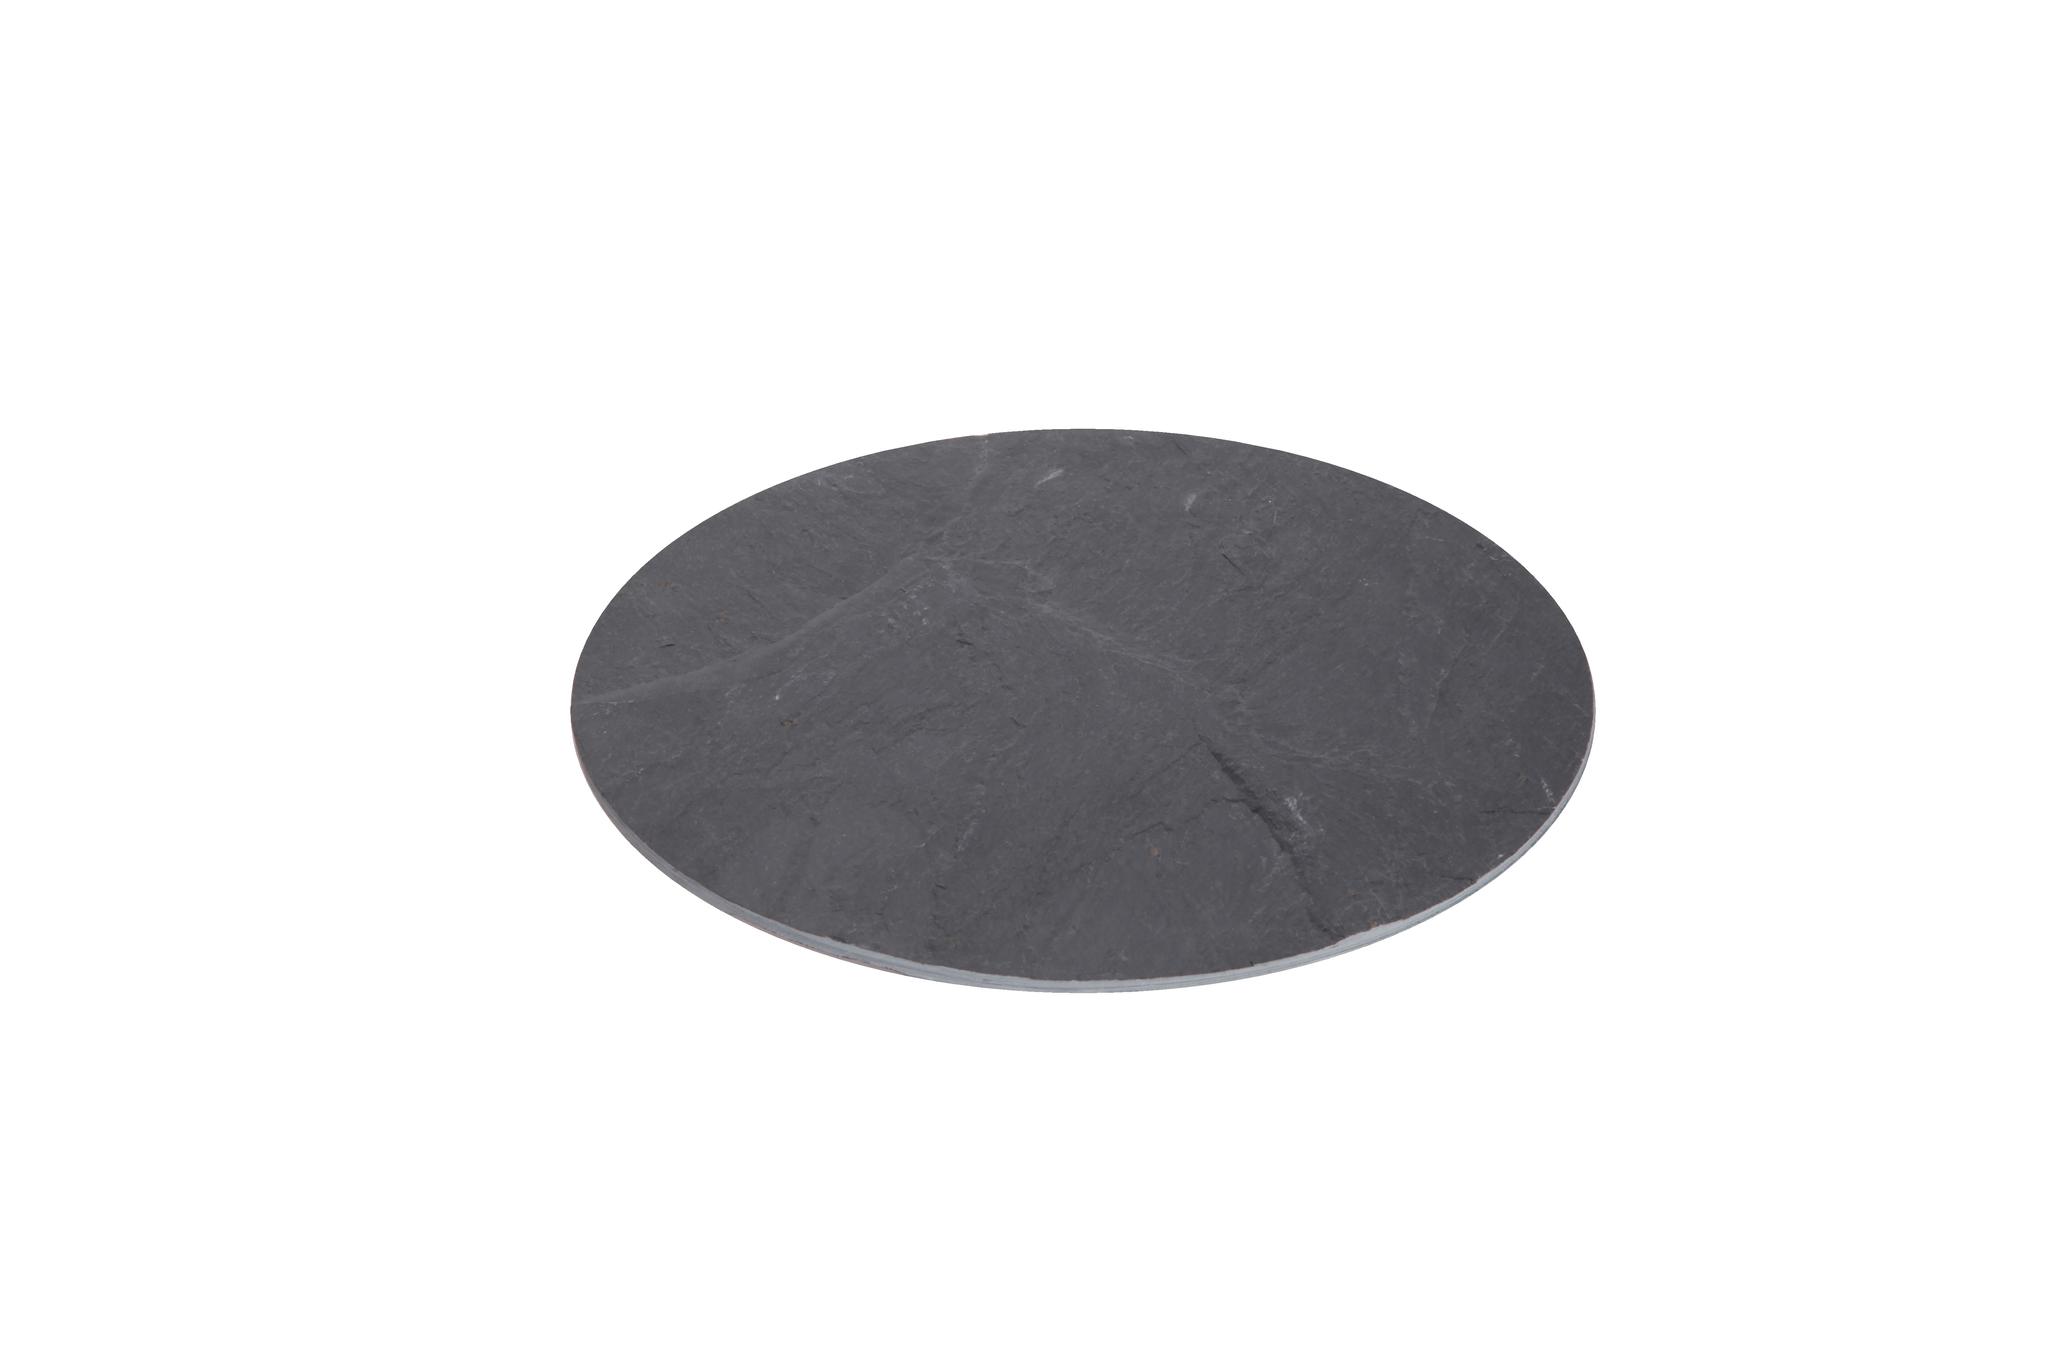 Блюдо круглое 30 см COSY&amp;TRENDY STRD30Блюда<br>Блюдо круглое 30 см COSY&amp;TRENDY STRD30<br><br>Сланцевая посуда никогда не выйдет из моды, так как это самый простой способ внести частицу красоты в повседневную жизнь. Посуда легко очищается нейтральными моющими средствами с помощью мягкой губки или салфетки, имеет длительный срок службы и не теряет в процессе использования внешней привлекательности. Подходит для мытья в посудомоечной машине.<br>